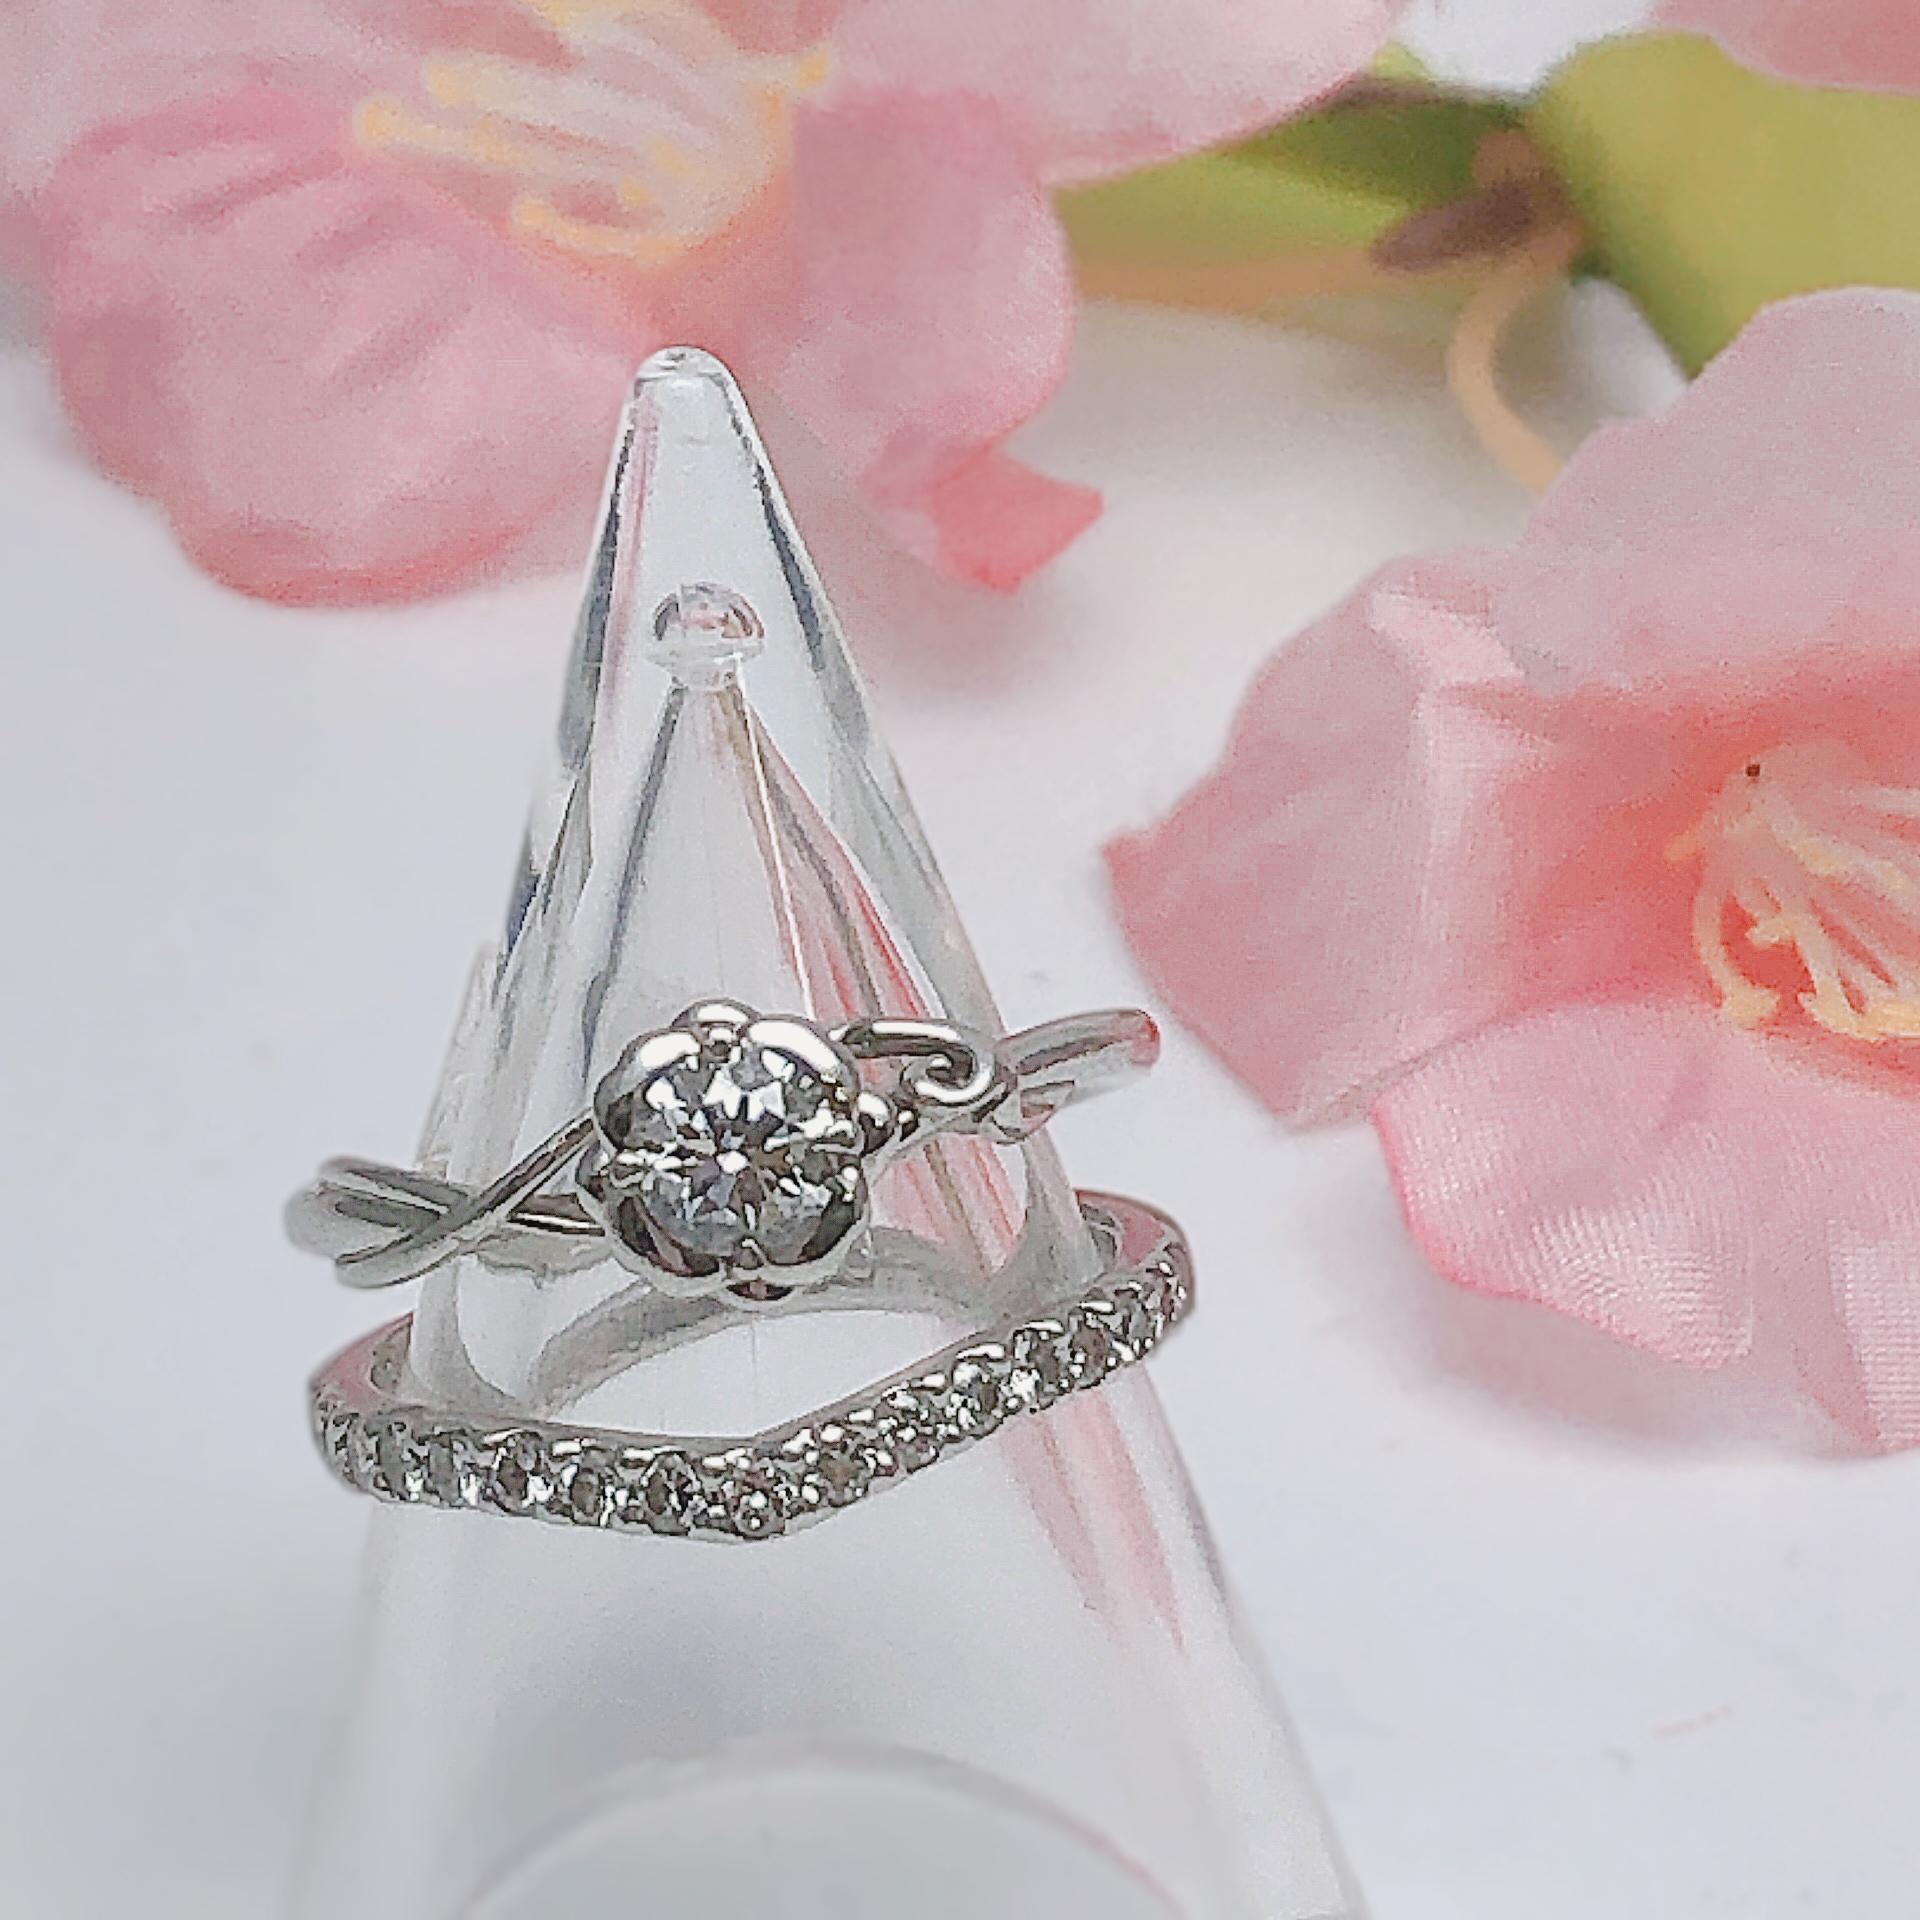 【ダイヤ 買取 盛岡】ダイヤモンドリングを盛岡市のお客様よりお買取させていただきました!